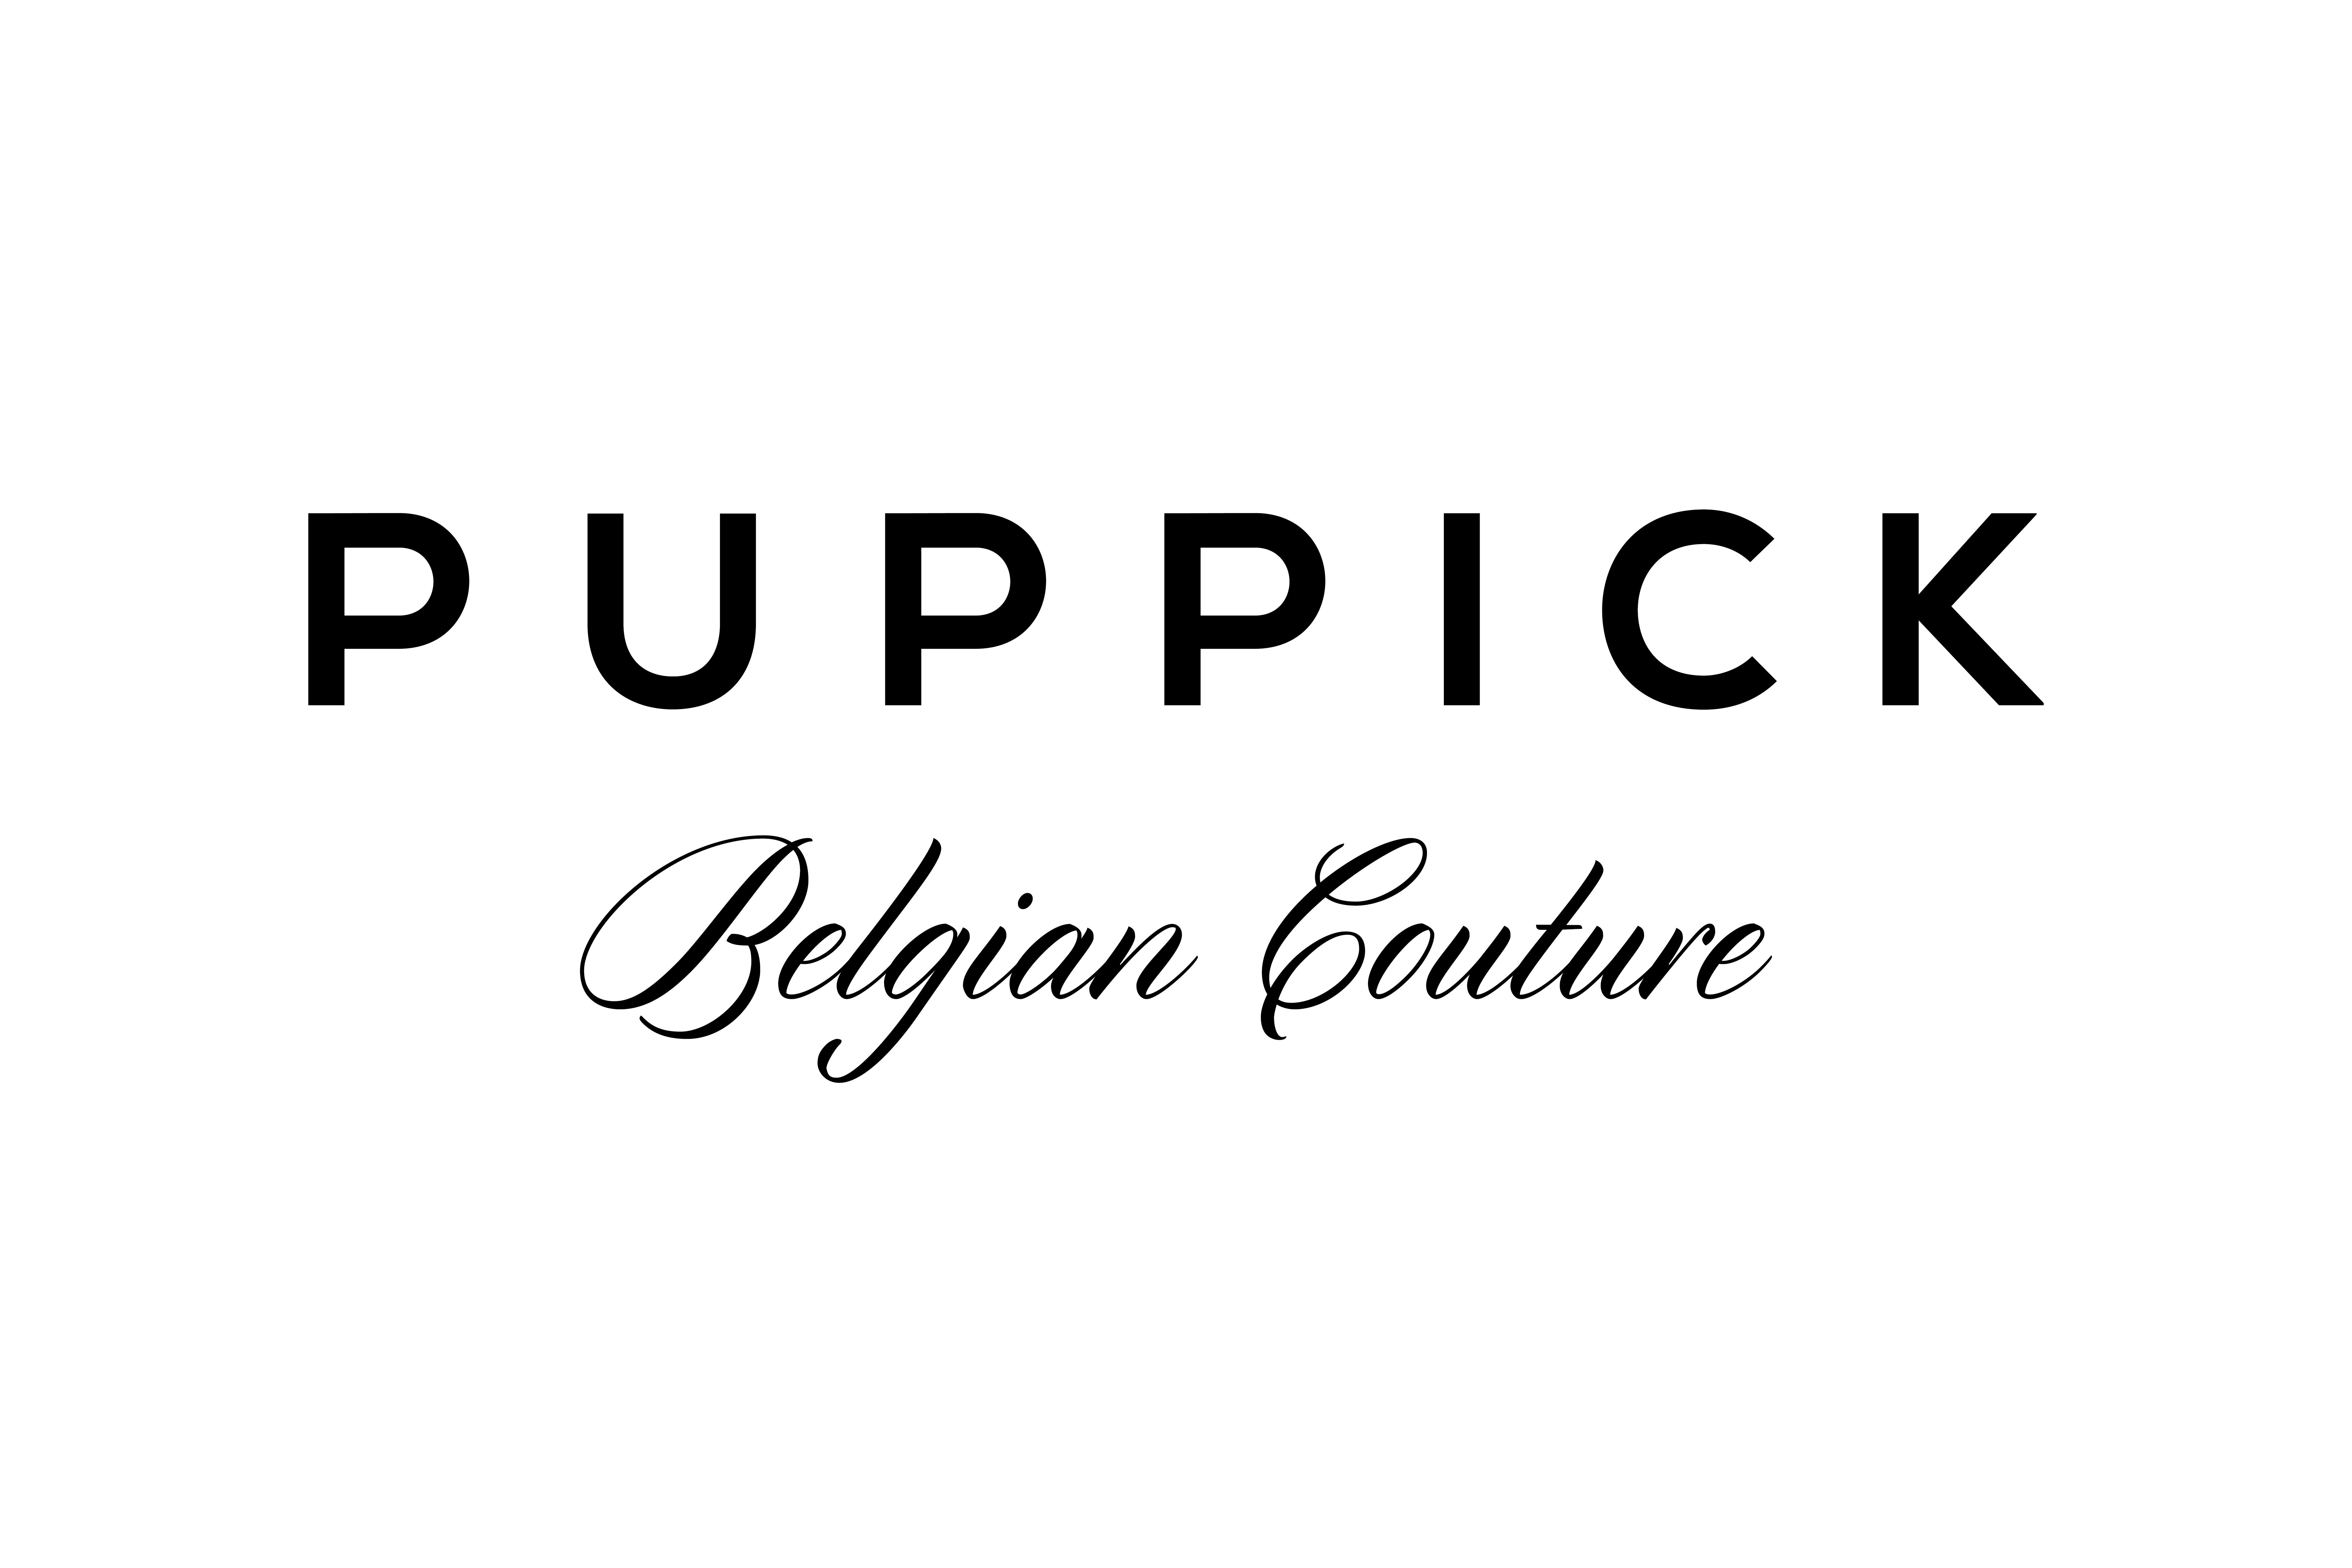 Puppick